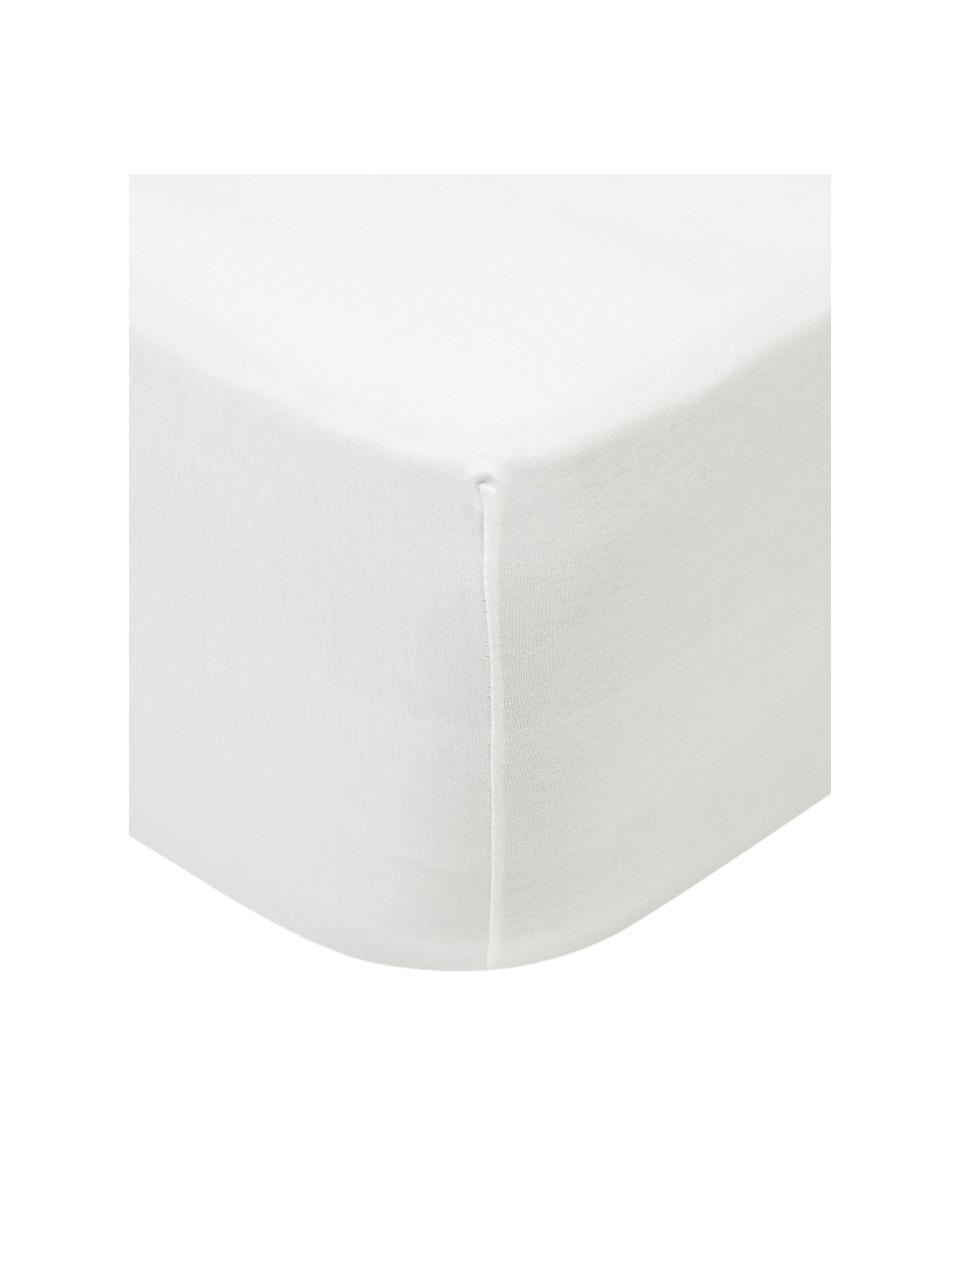 Topper-Spannbettlaken Lara in Cremefarben, Jersey-Elasthan, 95% Baumwolle, 5% Elasthan, Cremefarben, 90 x 200 cm